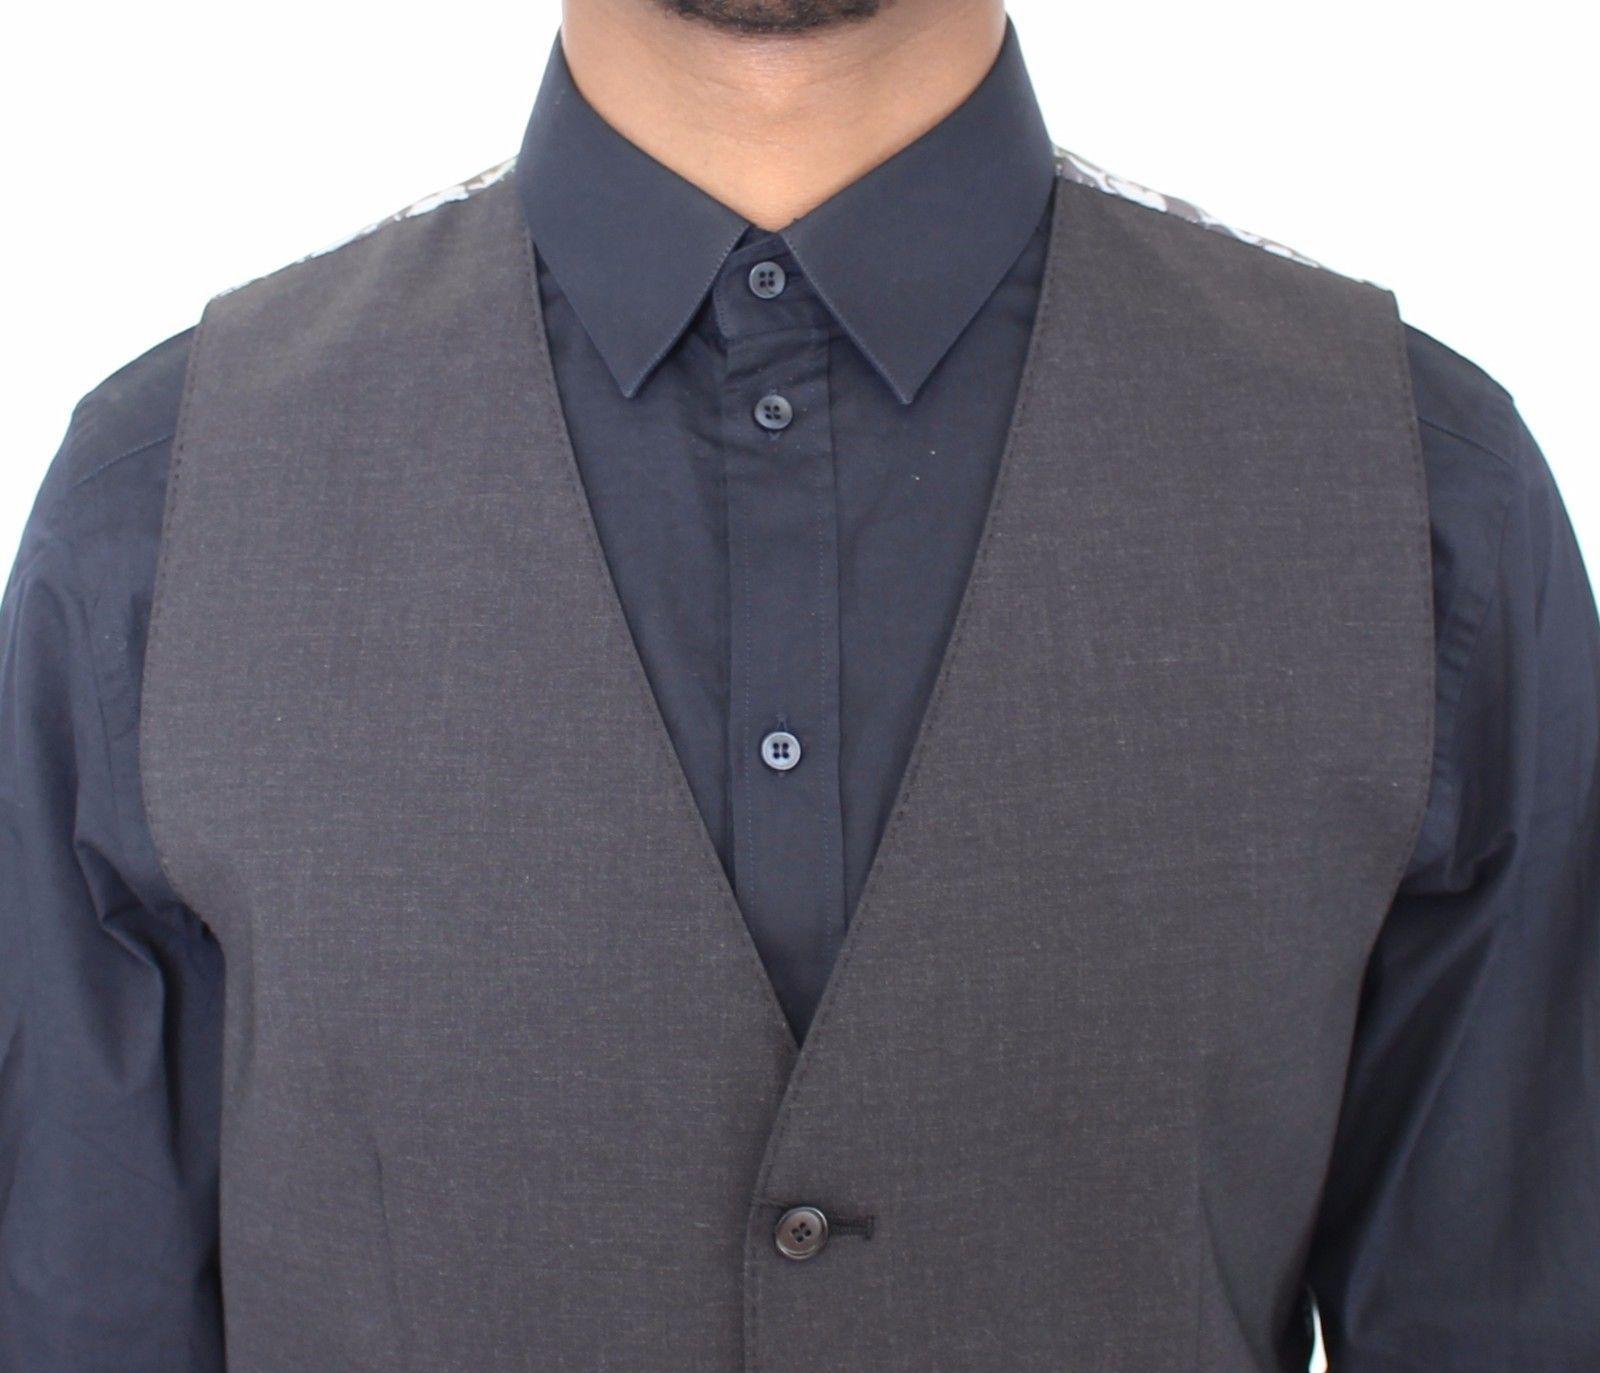 Dolce & Gabbana Gray Wool Stretch Dress Vest Blazer